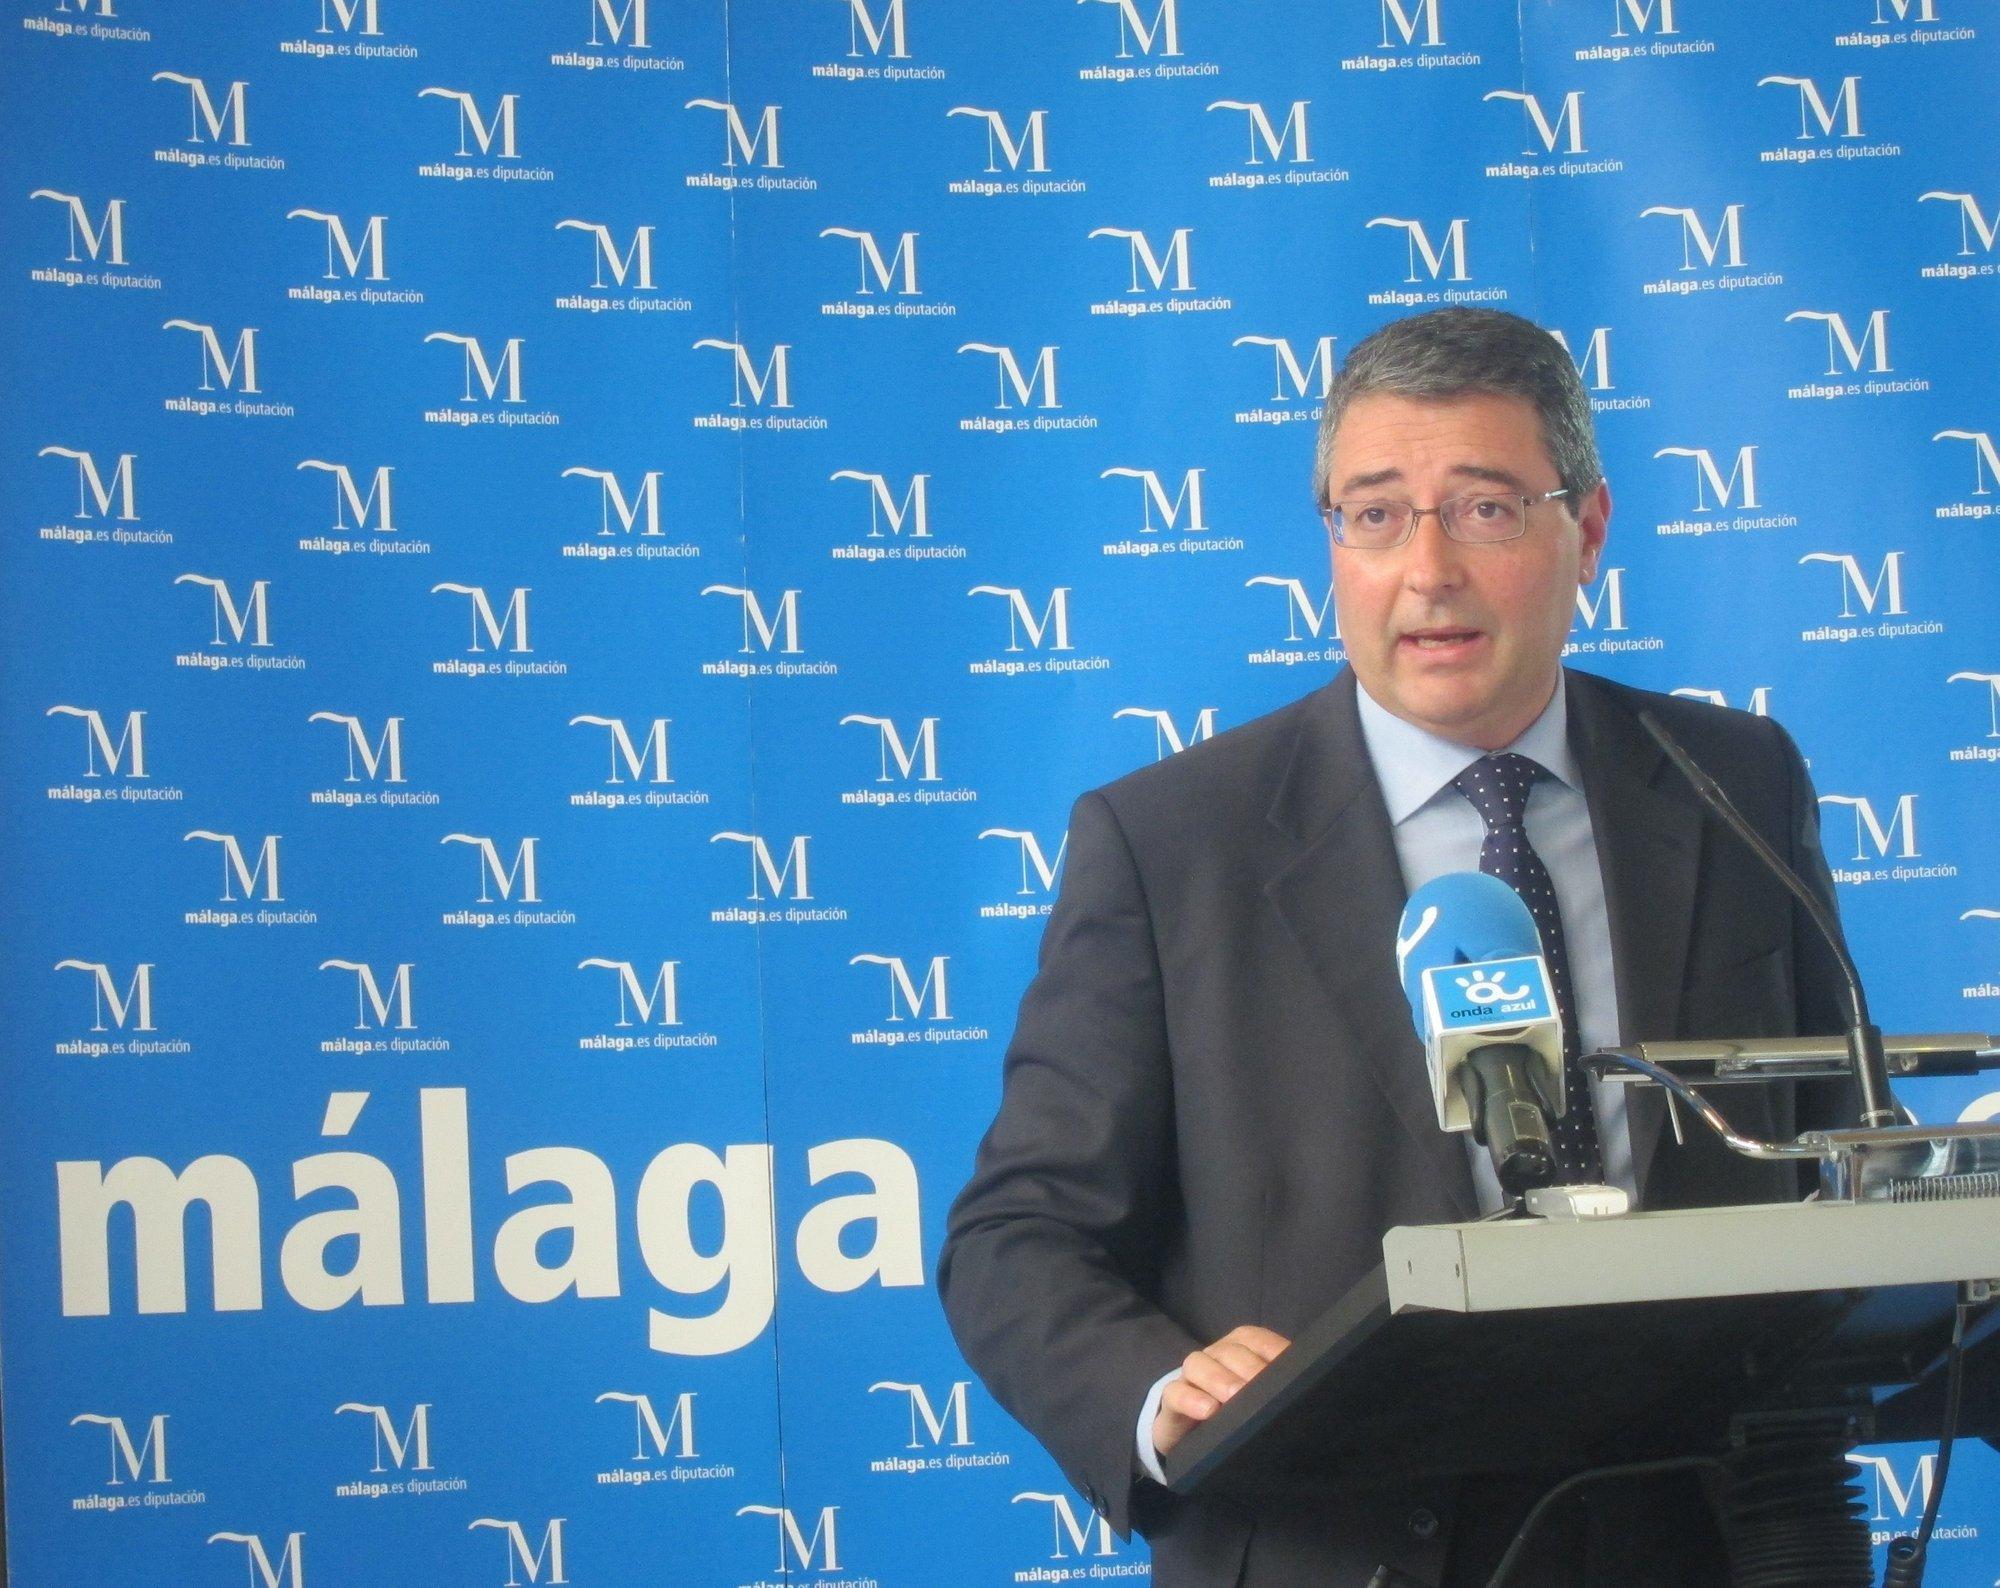 El PP alerta de que con los recortes la Junta «se quita la máscara» y «vuelve a ir a por los más débiles»